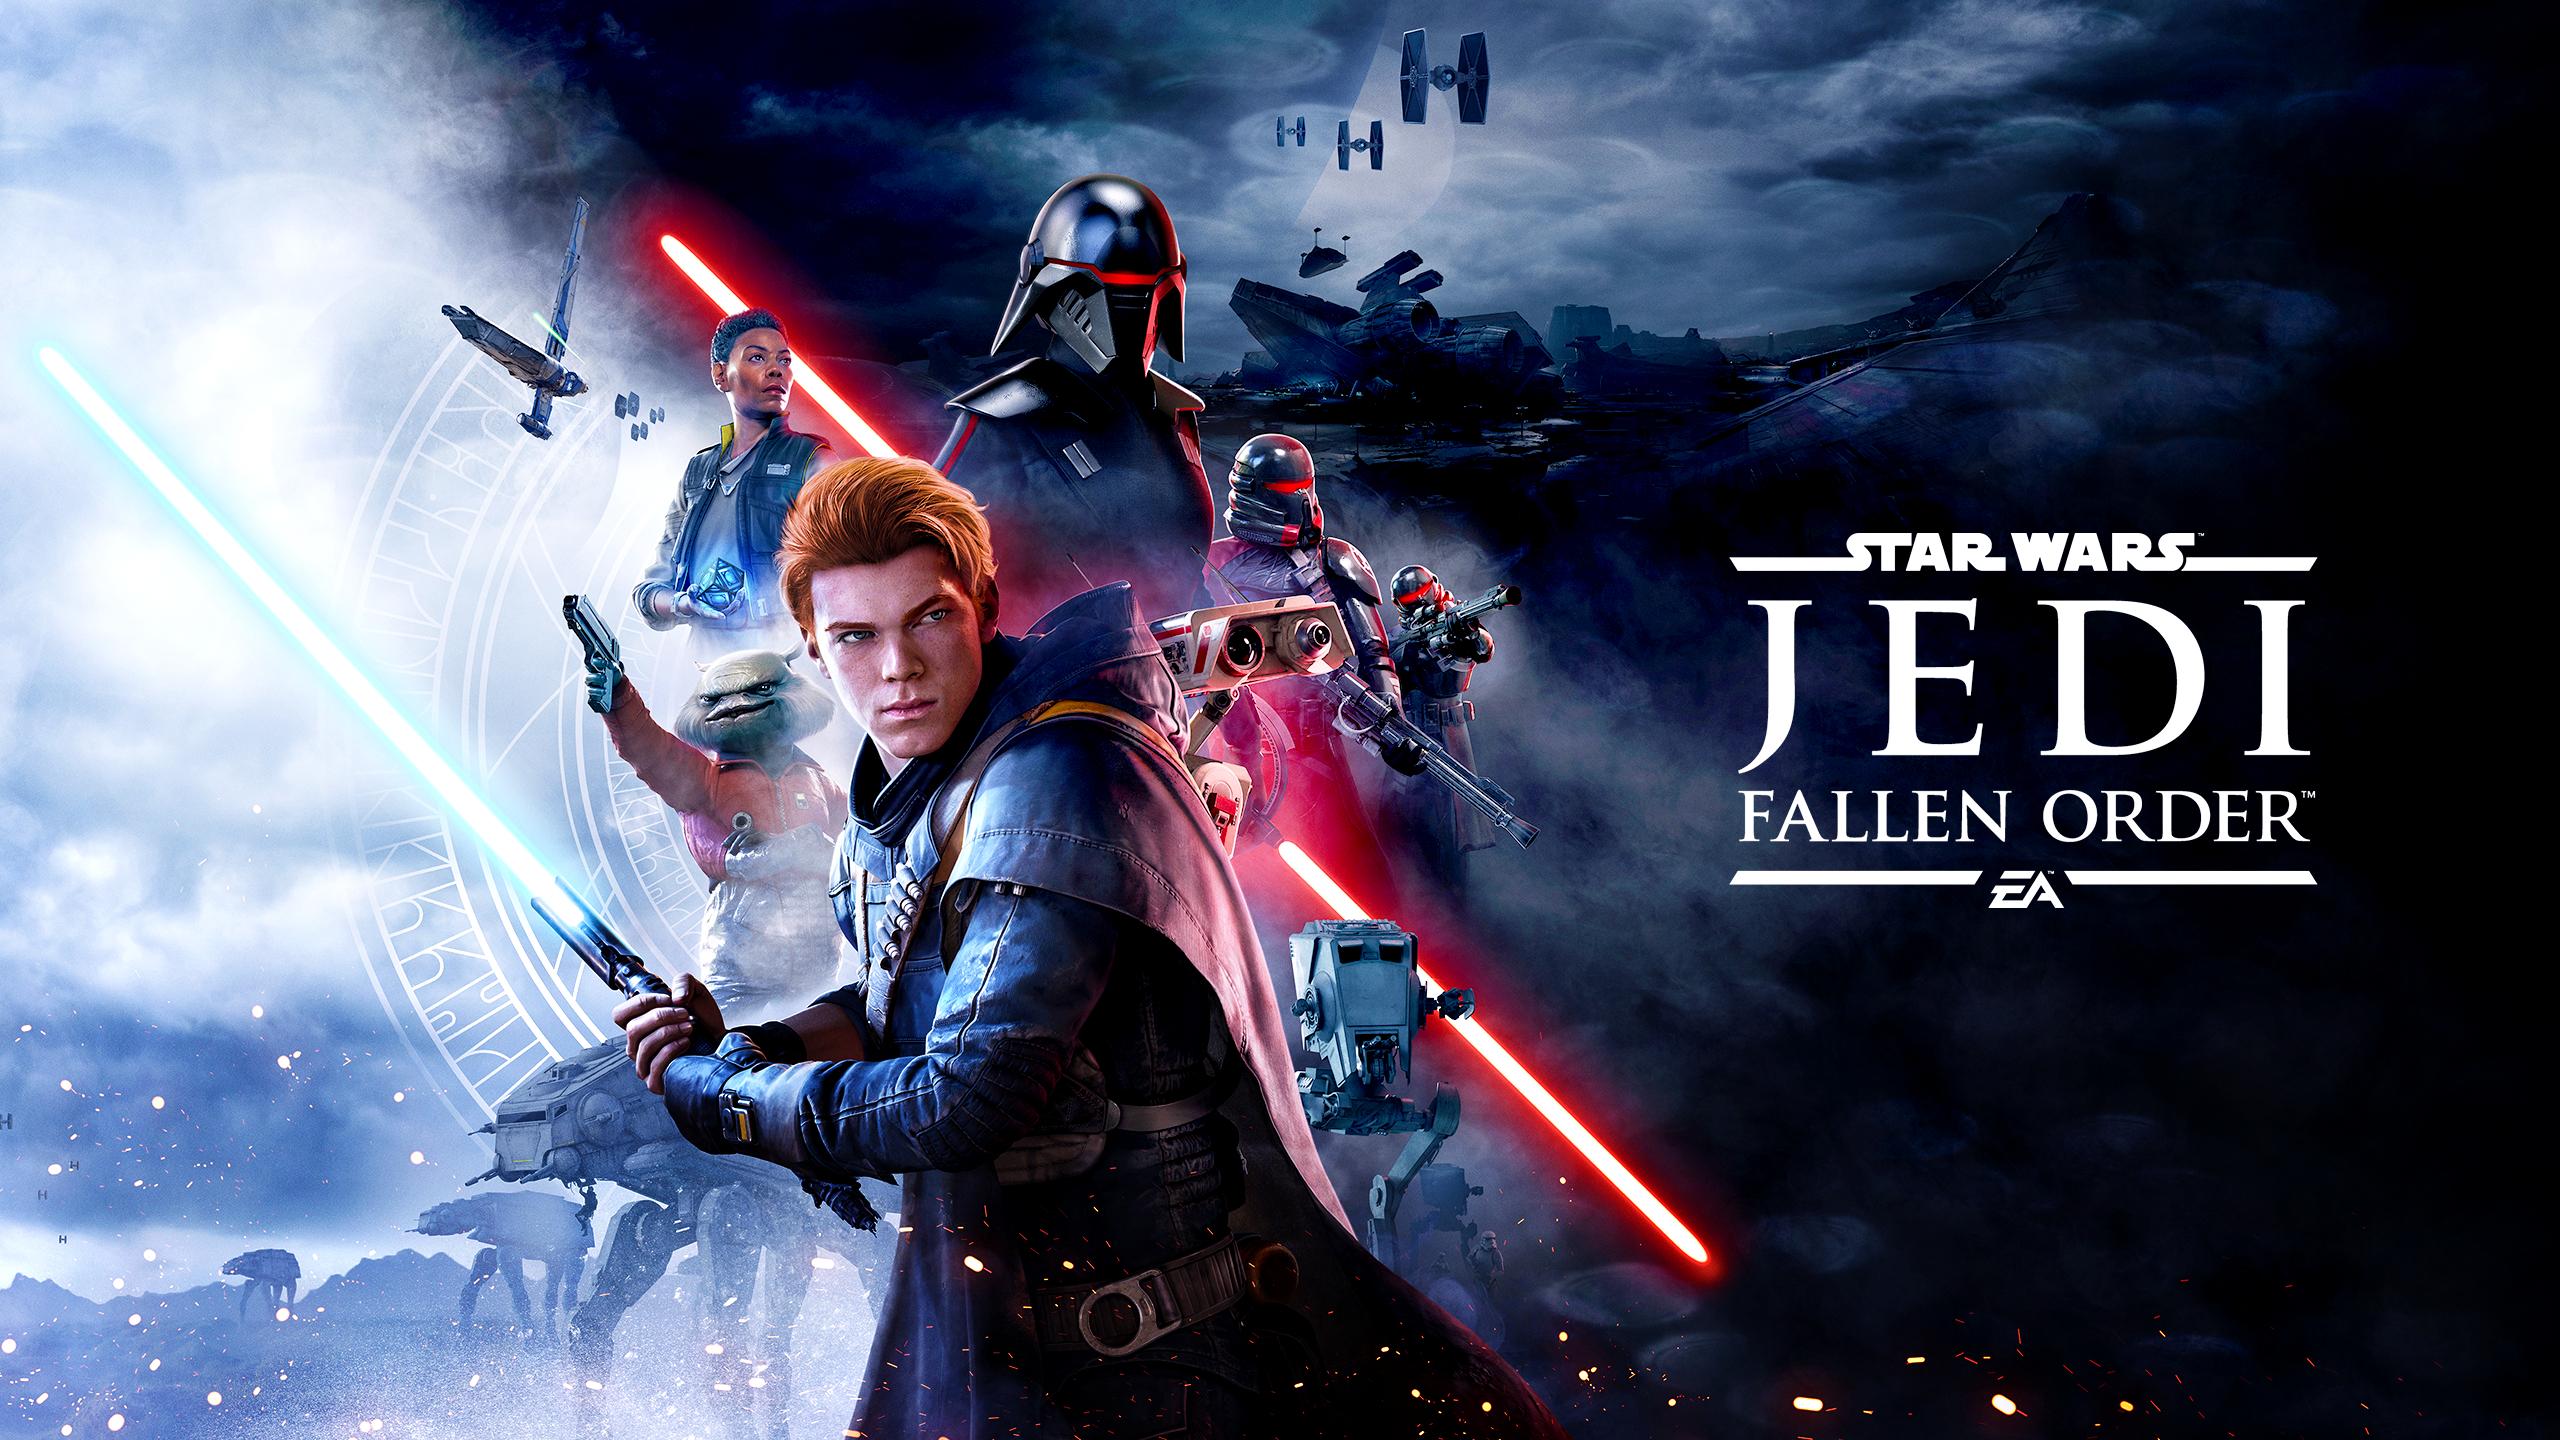 Star Wars Fallen Order background 1